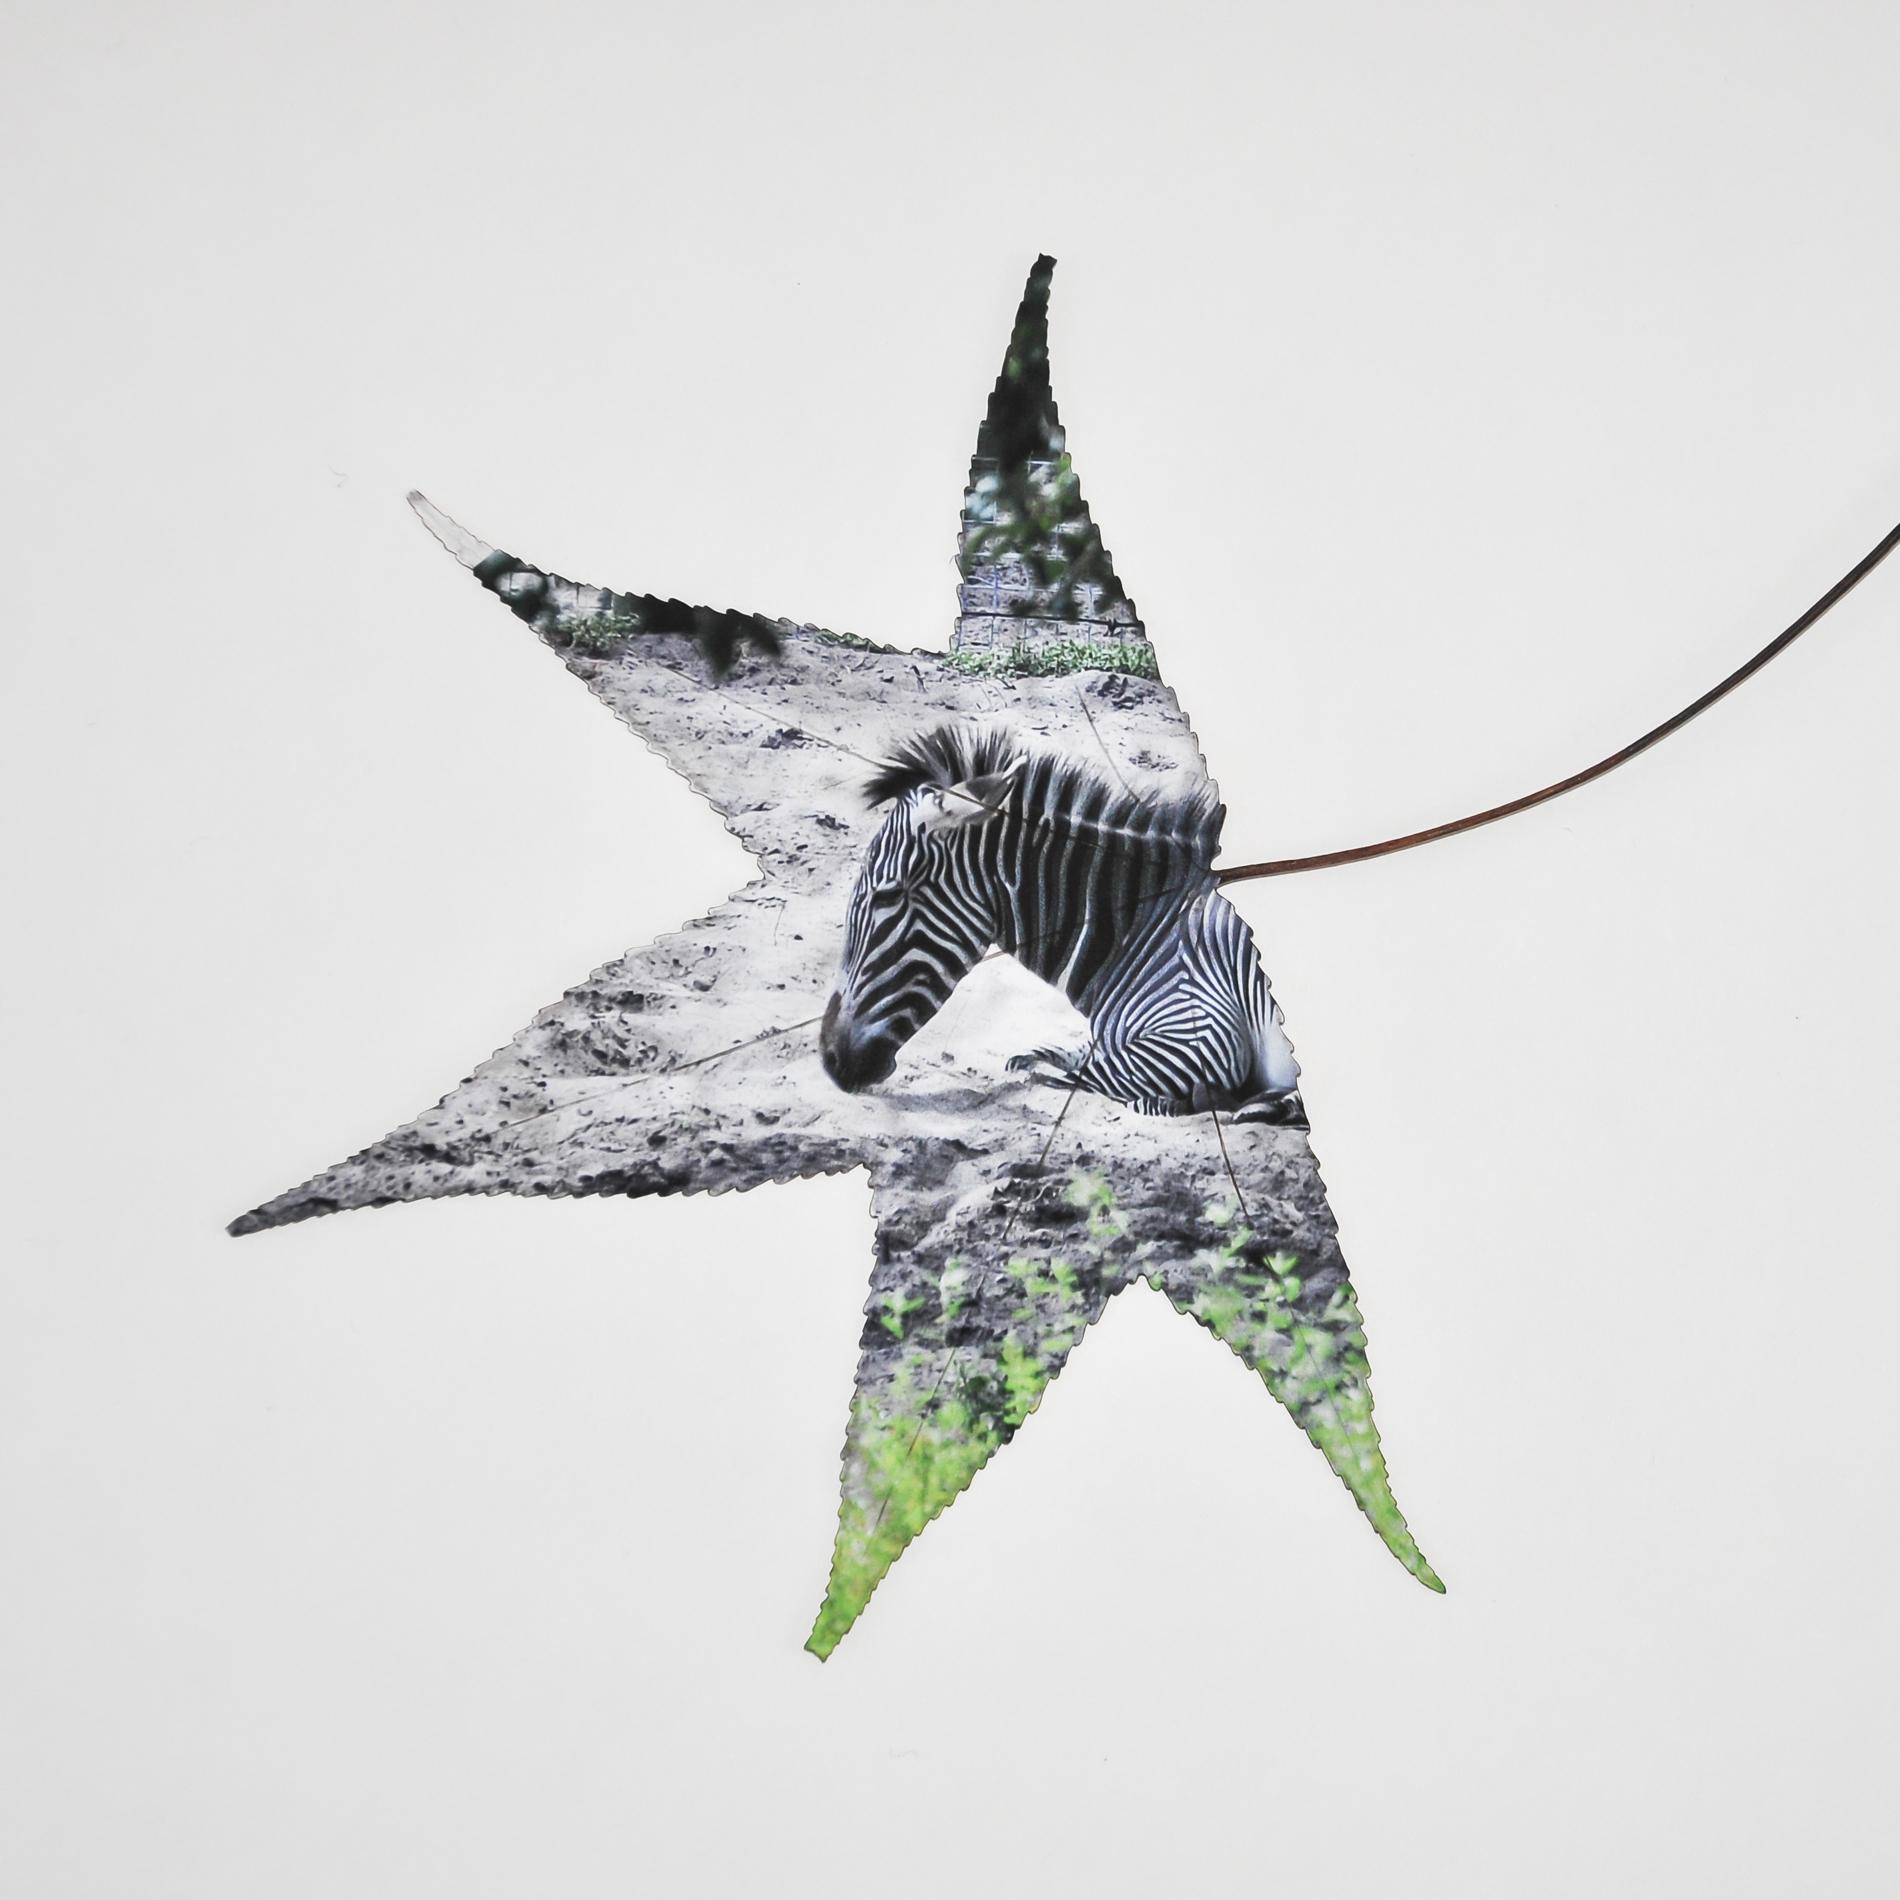 zebra_leaf.jpg